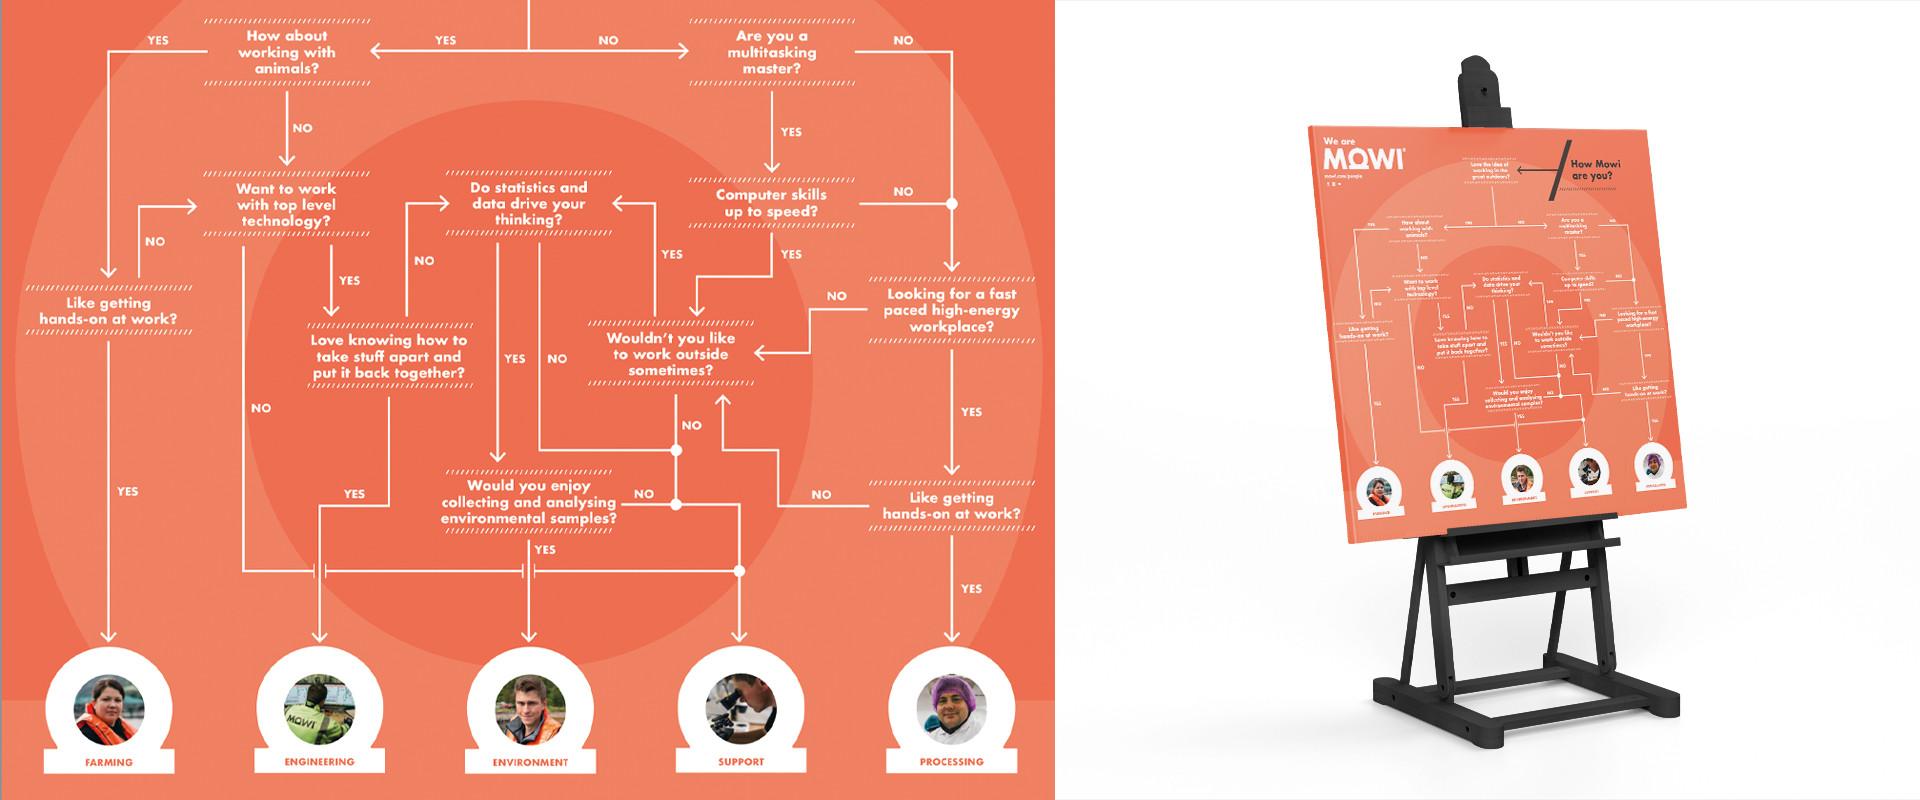 Mowi Career Pathfinder Designed by Denvir